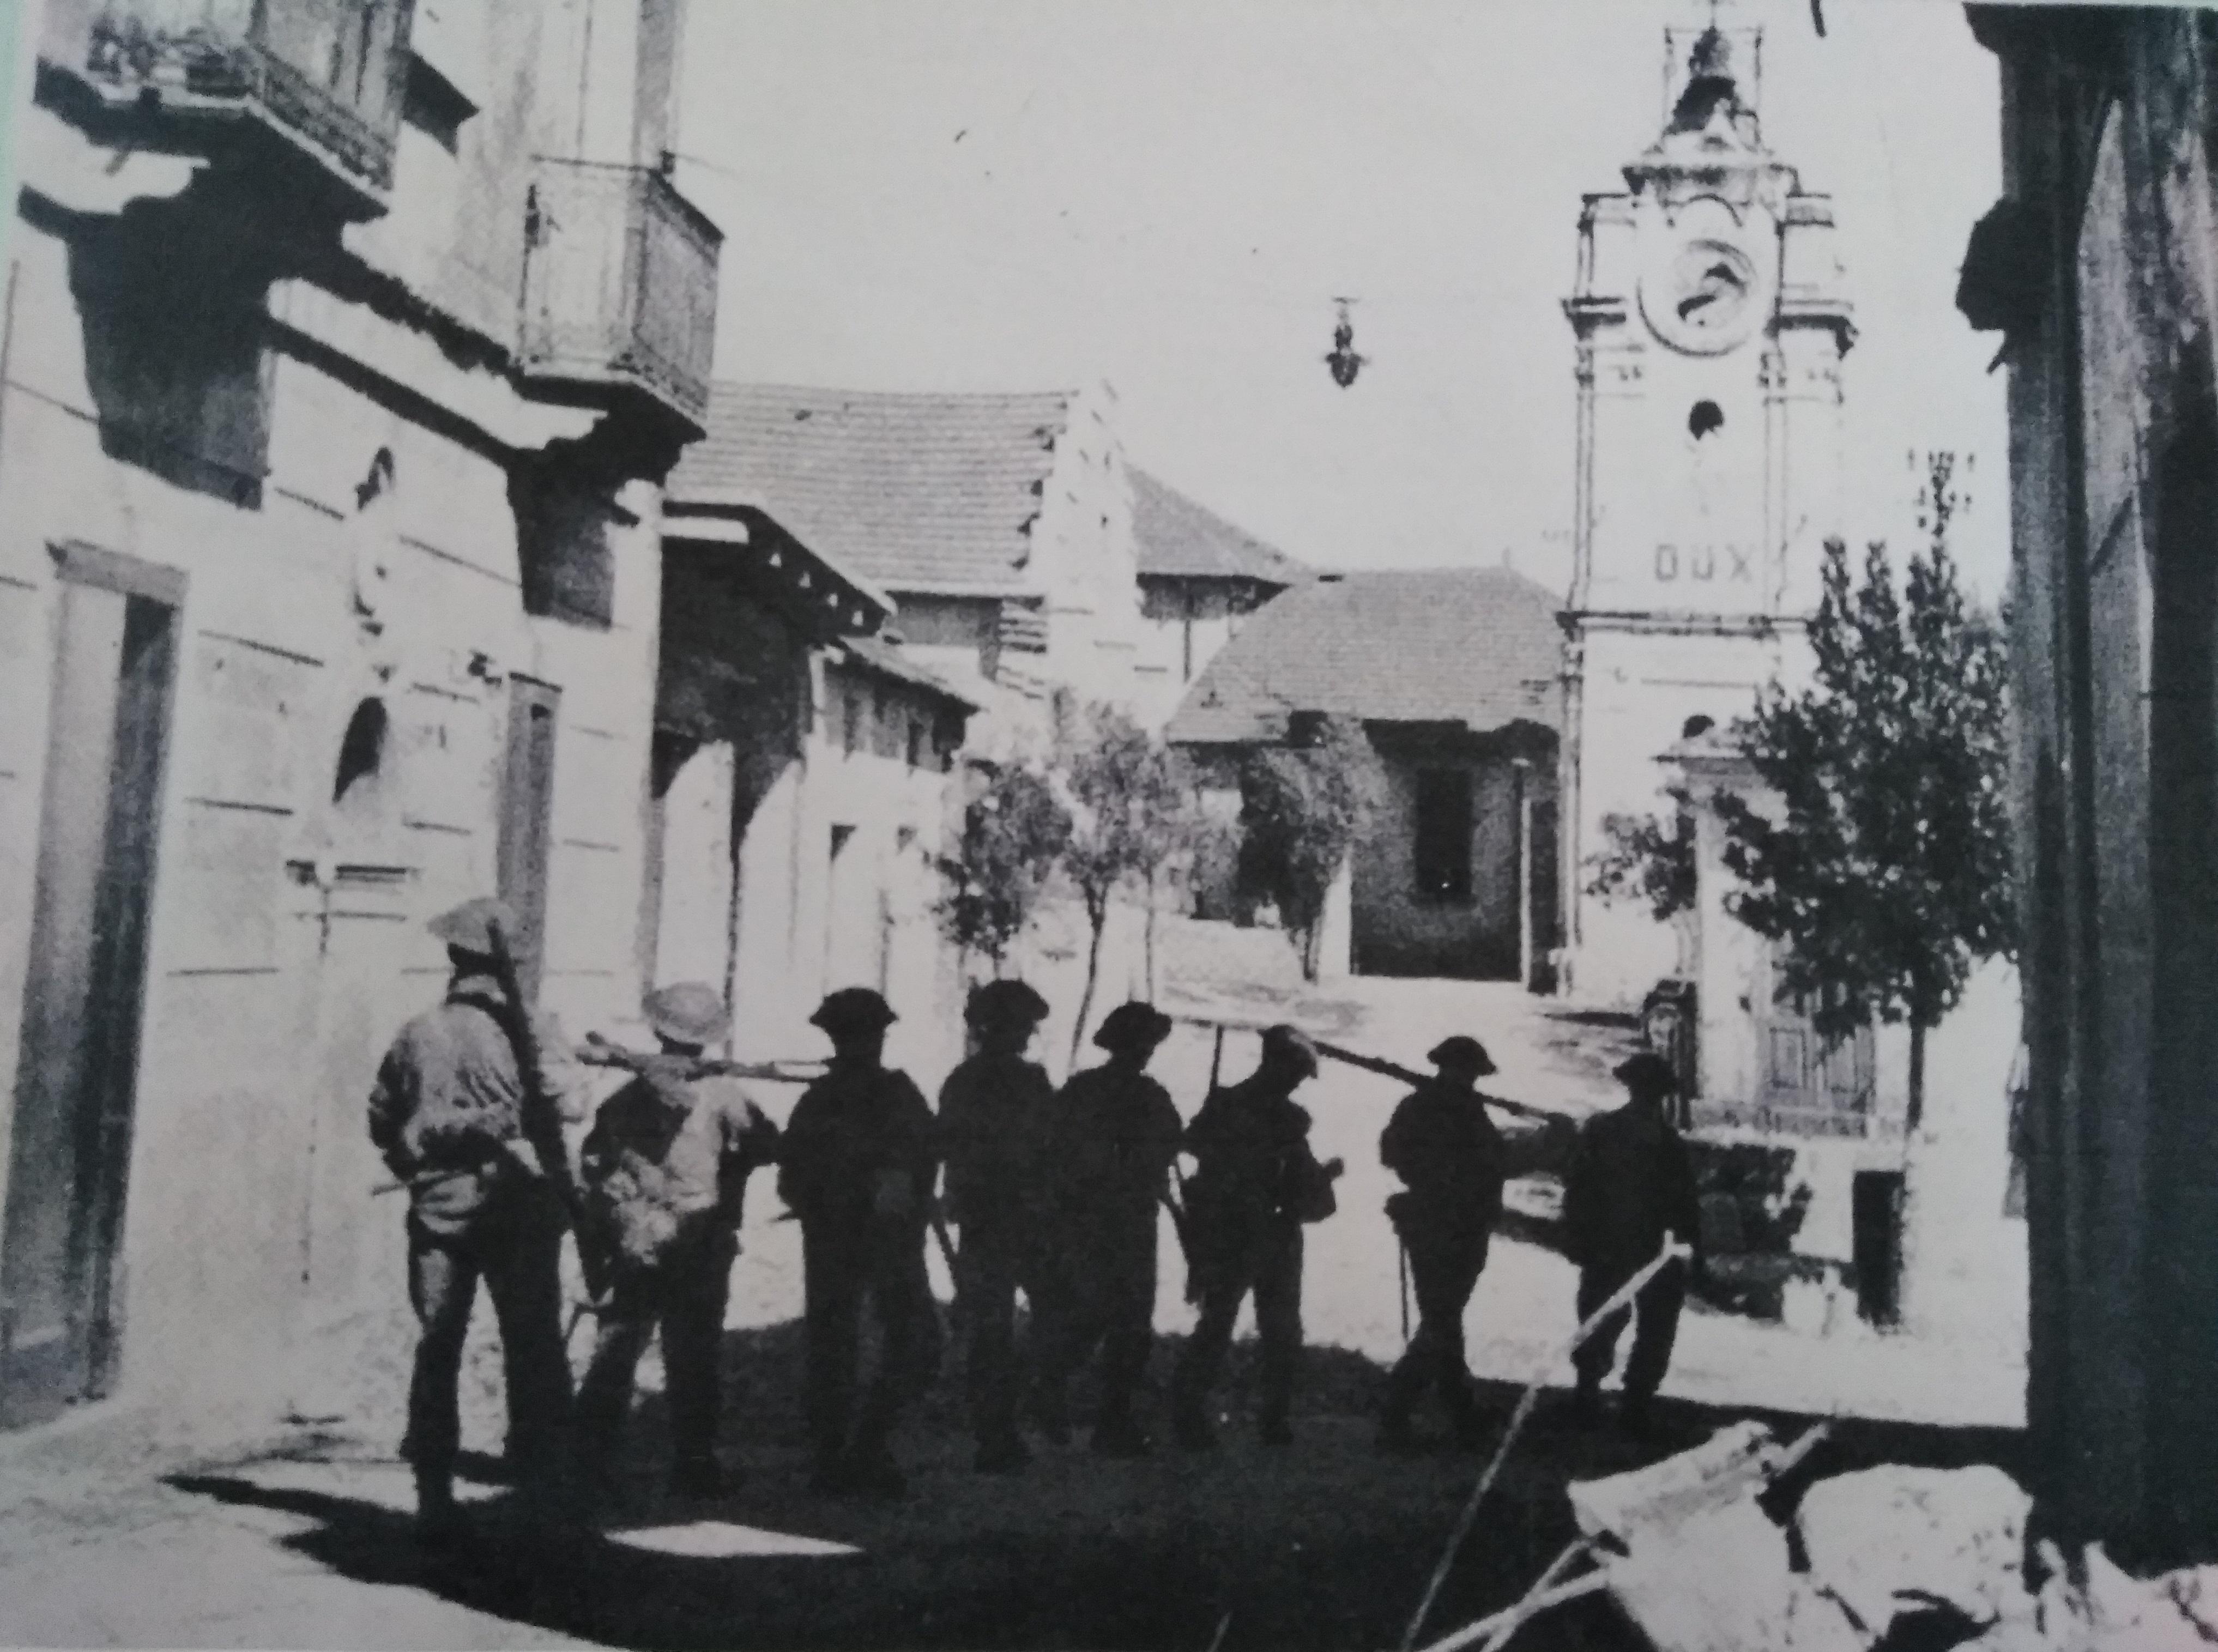 La Torre Civica, Rosarno e il suo simbolo